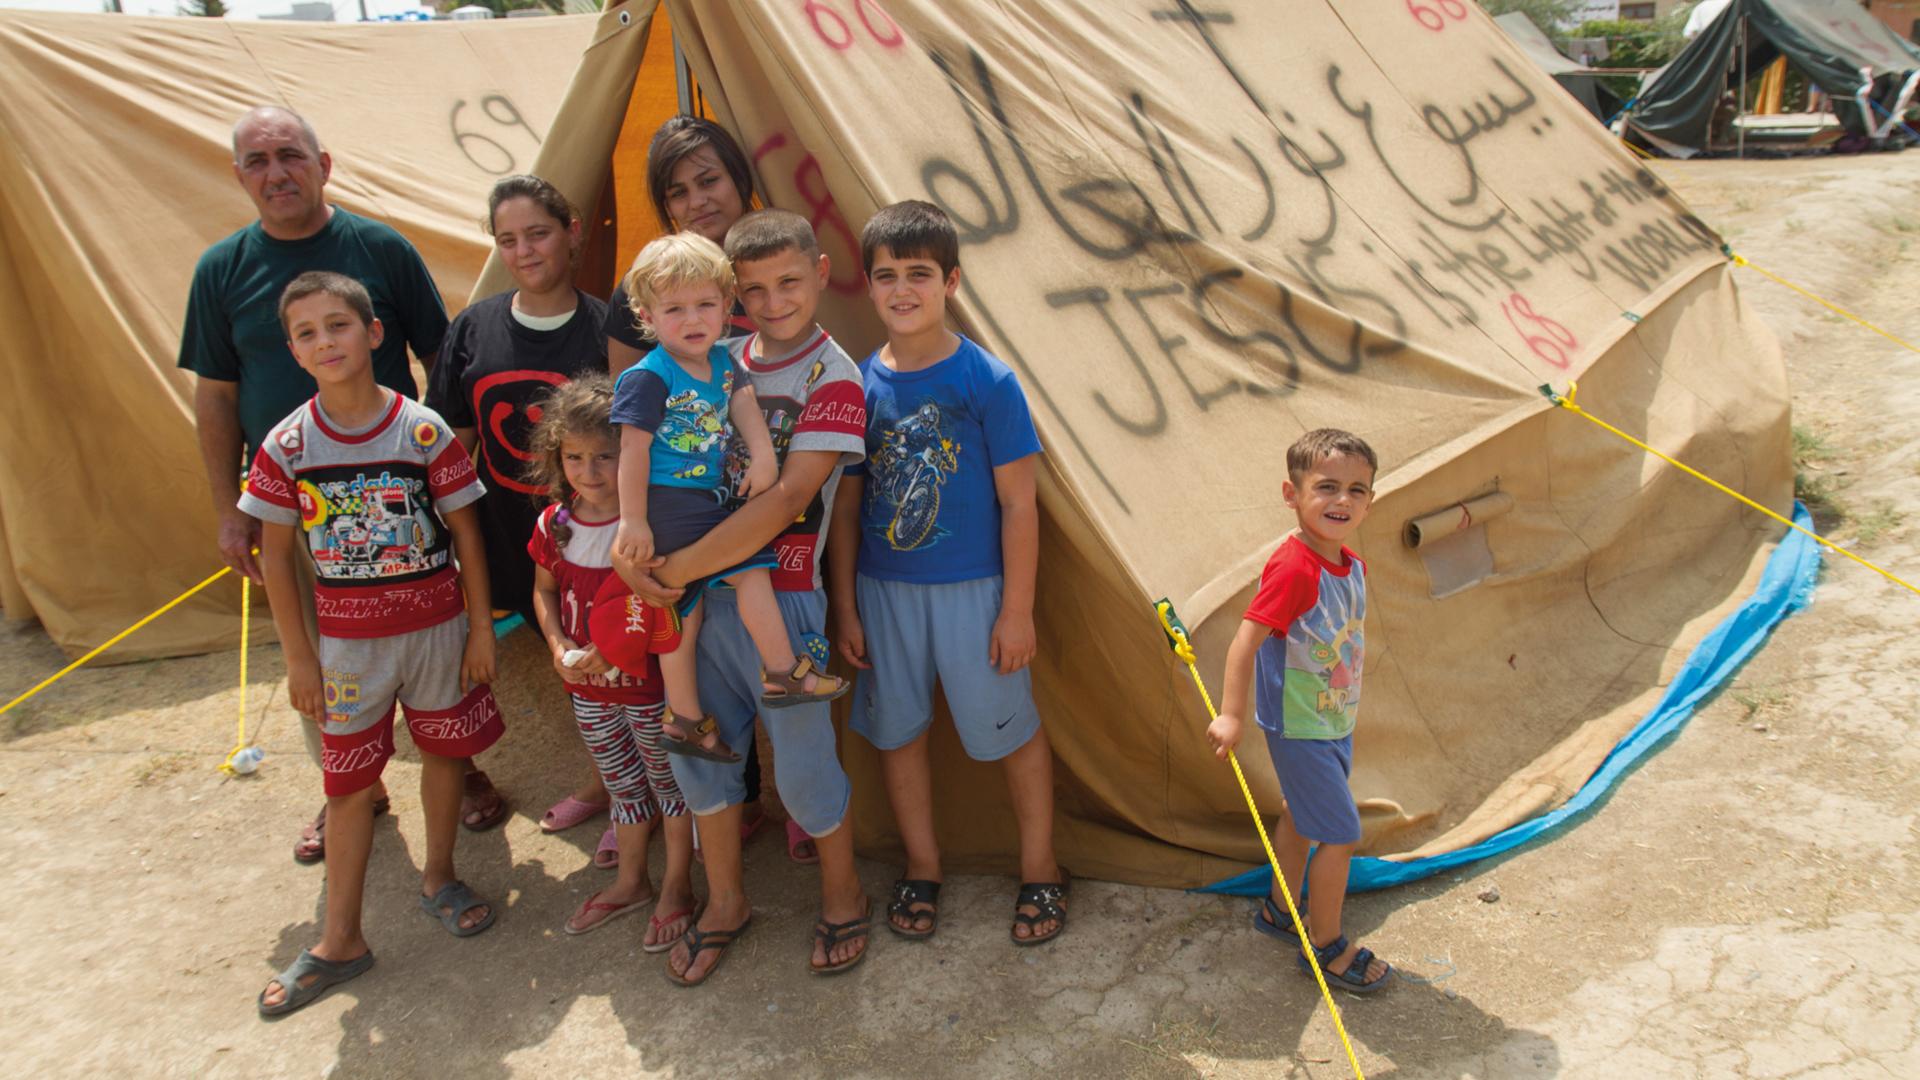 """Viele irakische Christen sind vor der Terrormiliz """"Islamischer Staat"""" in die kurdische Provinzhauptstadt Erbil geflüchtet. Die Organisation Christan Aid Program Northern Iraq (CAPNI) kümmert sich um sie."""